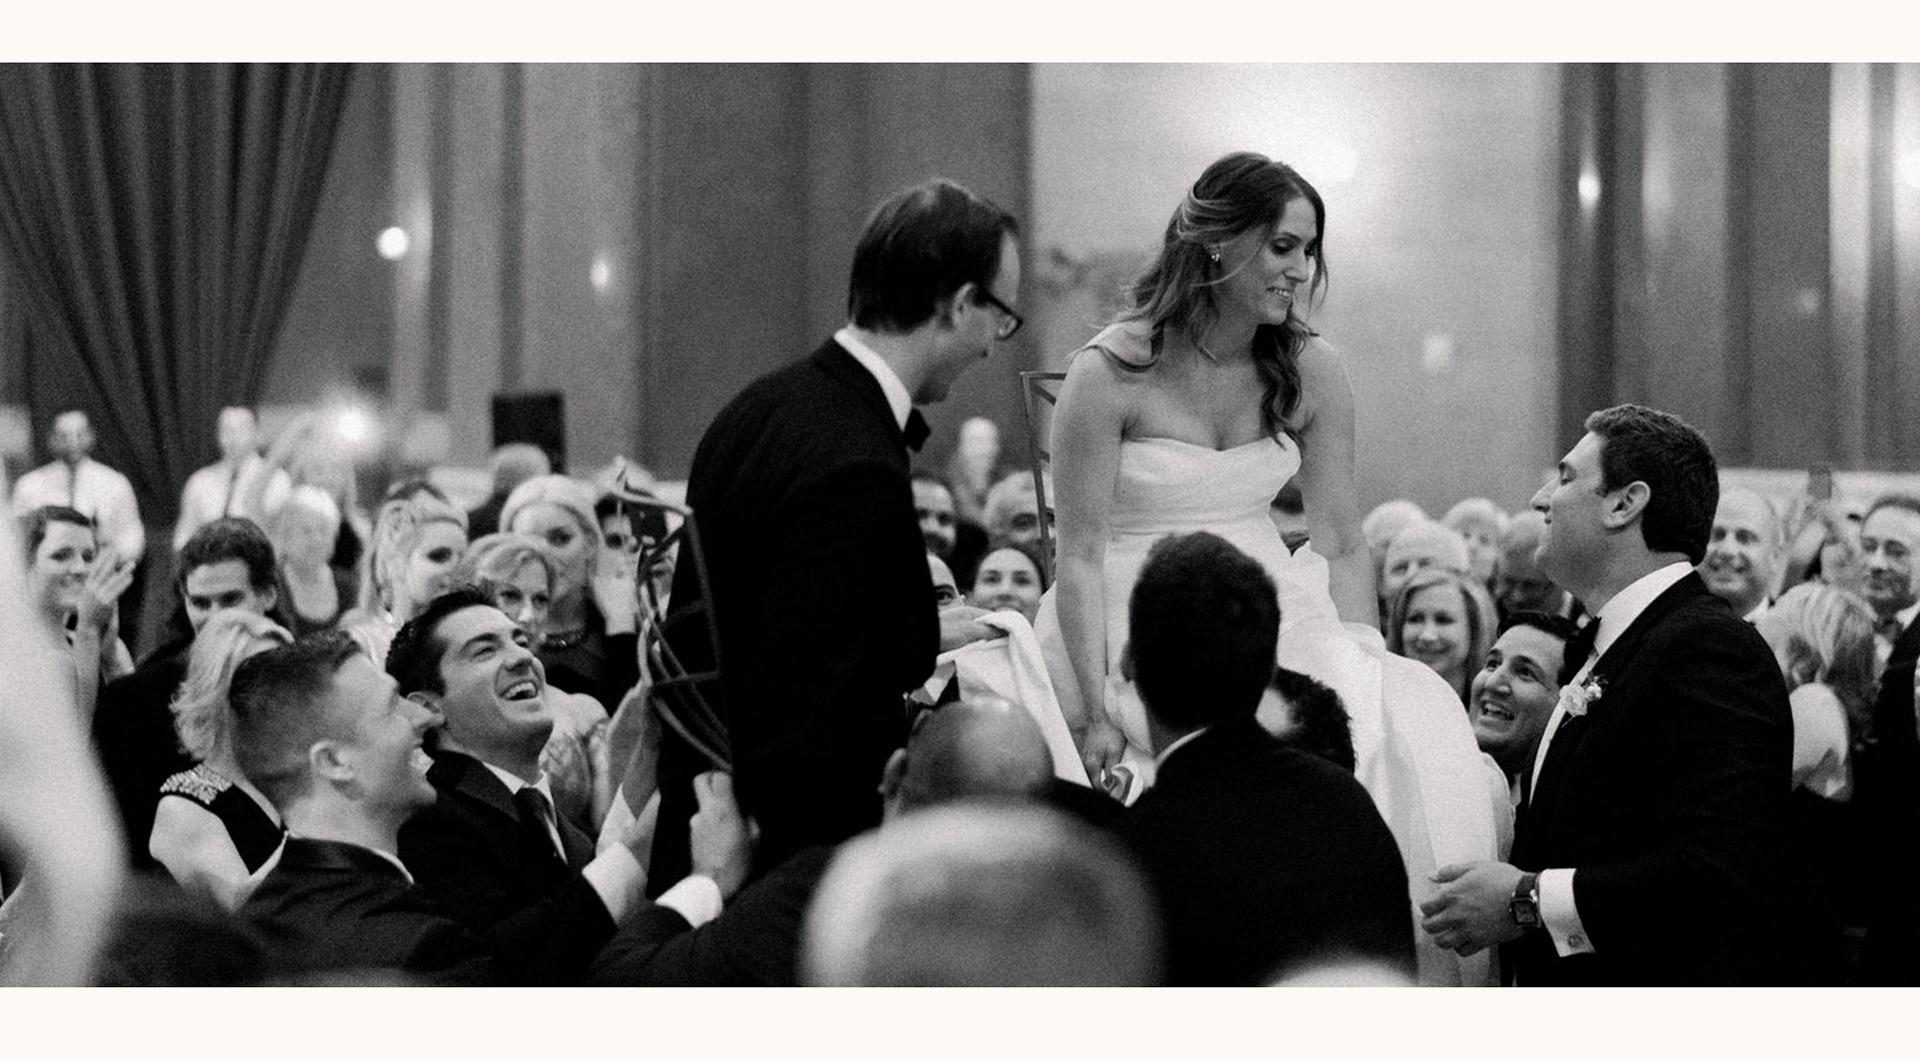 23 weylin weddding photographer - WEYLIN WEDDING IN WILLIAMSBURG - BROOKLYN, NY